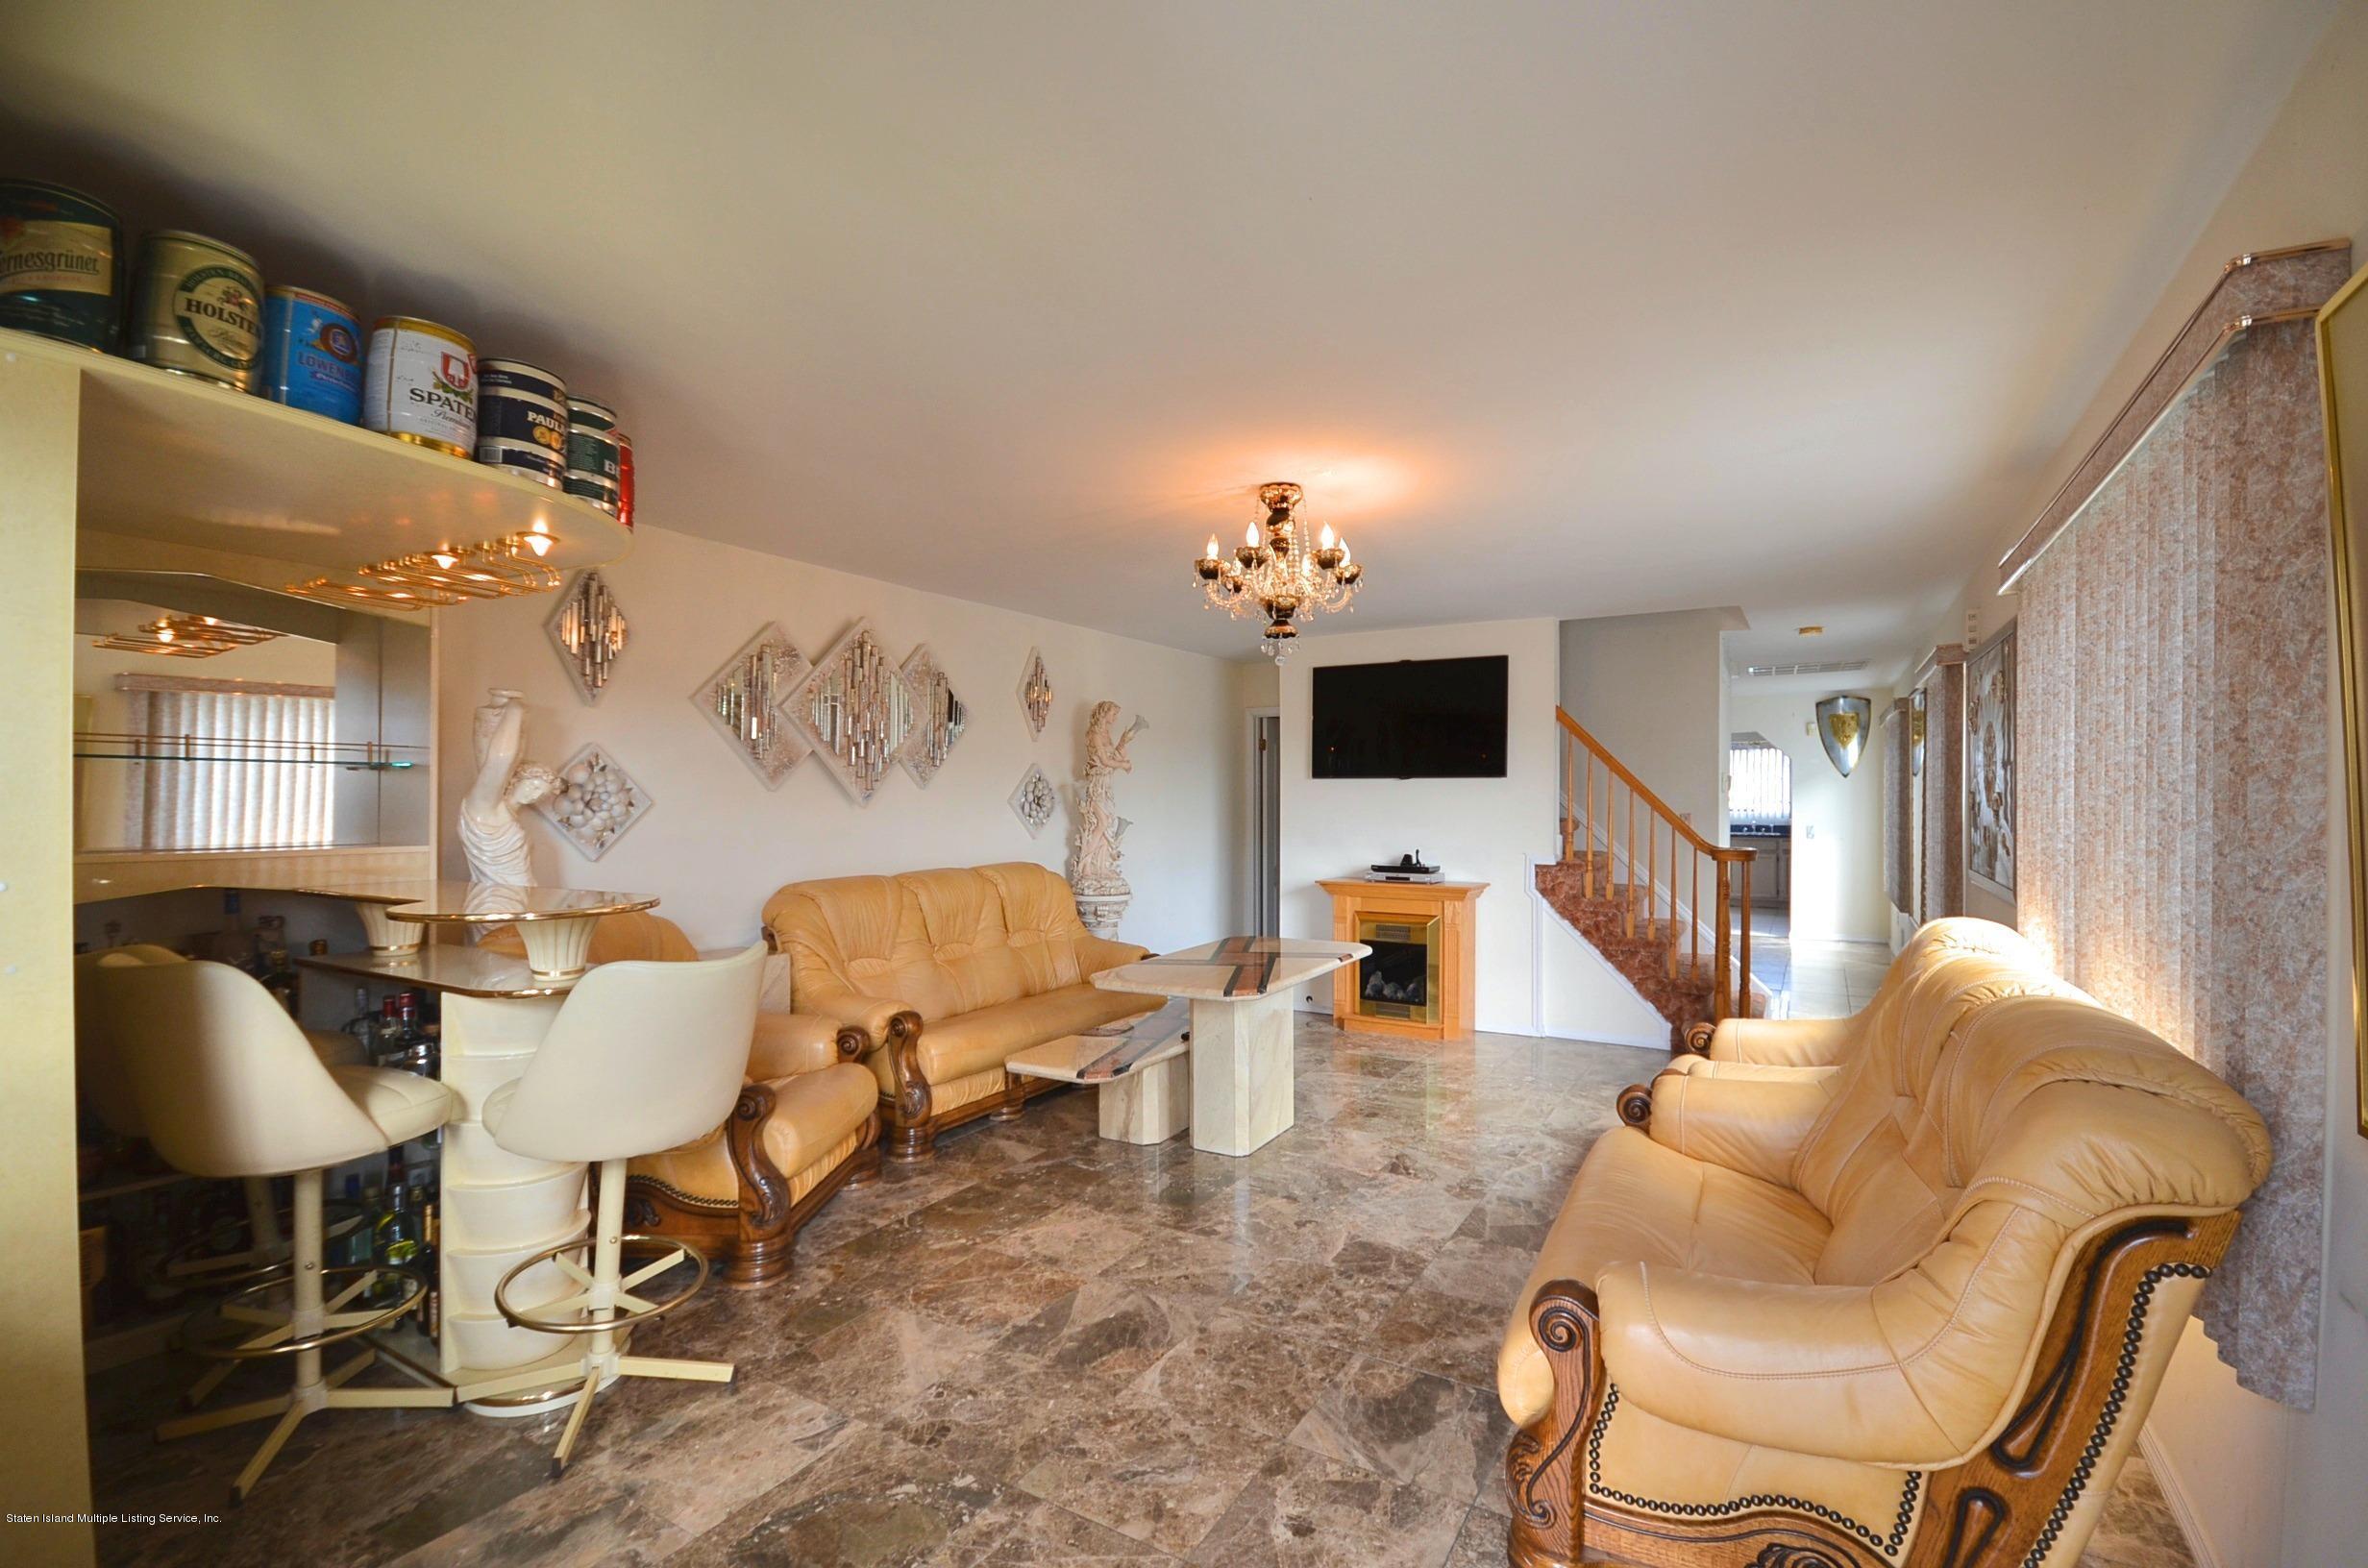 Single Family - Semi-Attached 447 Hillman Avenue  Staten Island, NY 10314, MLS-1126967-3